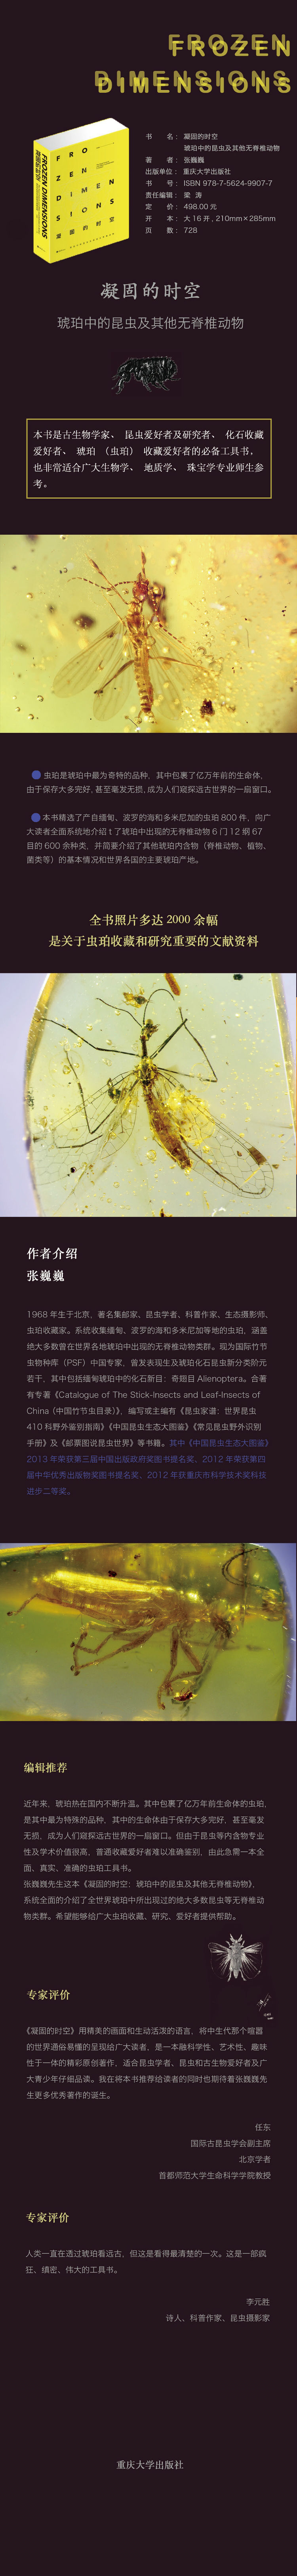 凝固的時空:琥珀中的昆虫及其他无脊椎動物